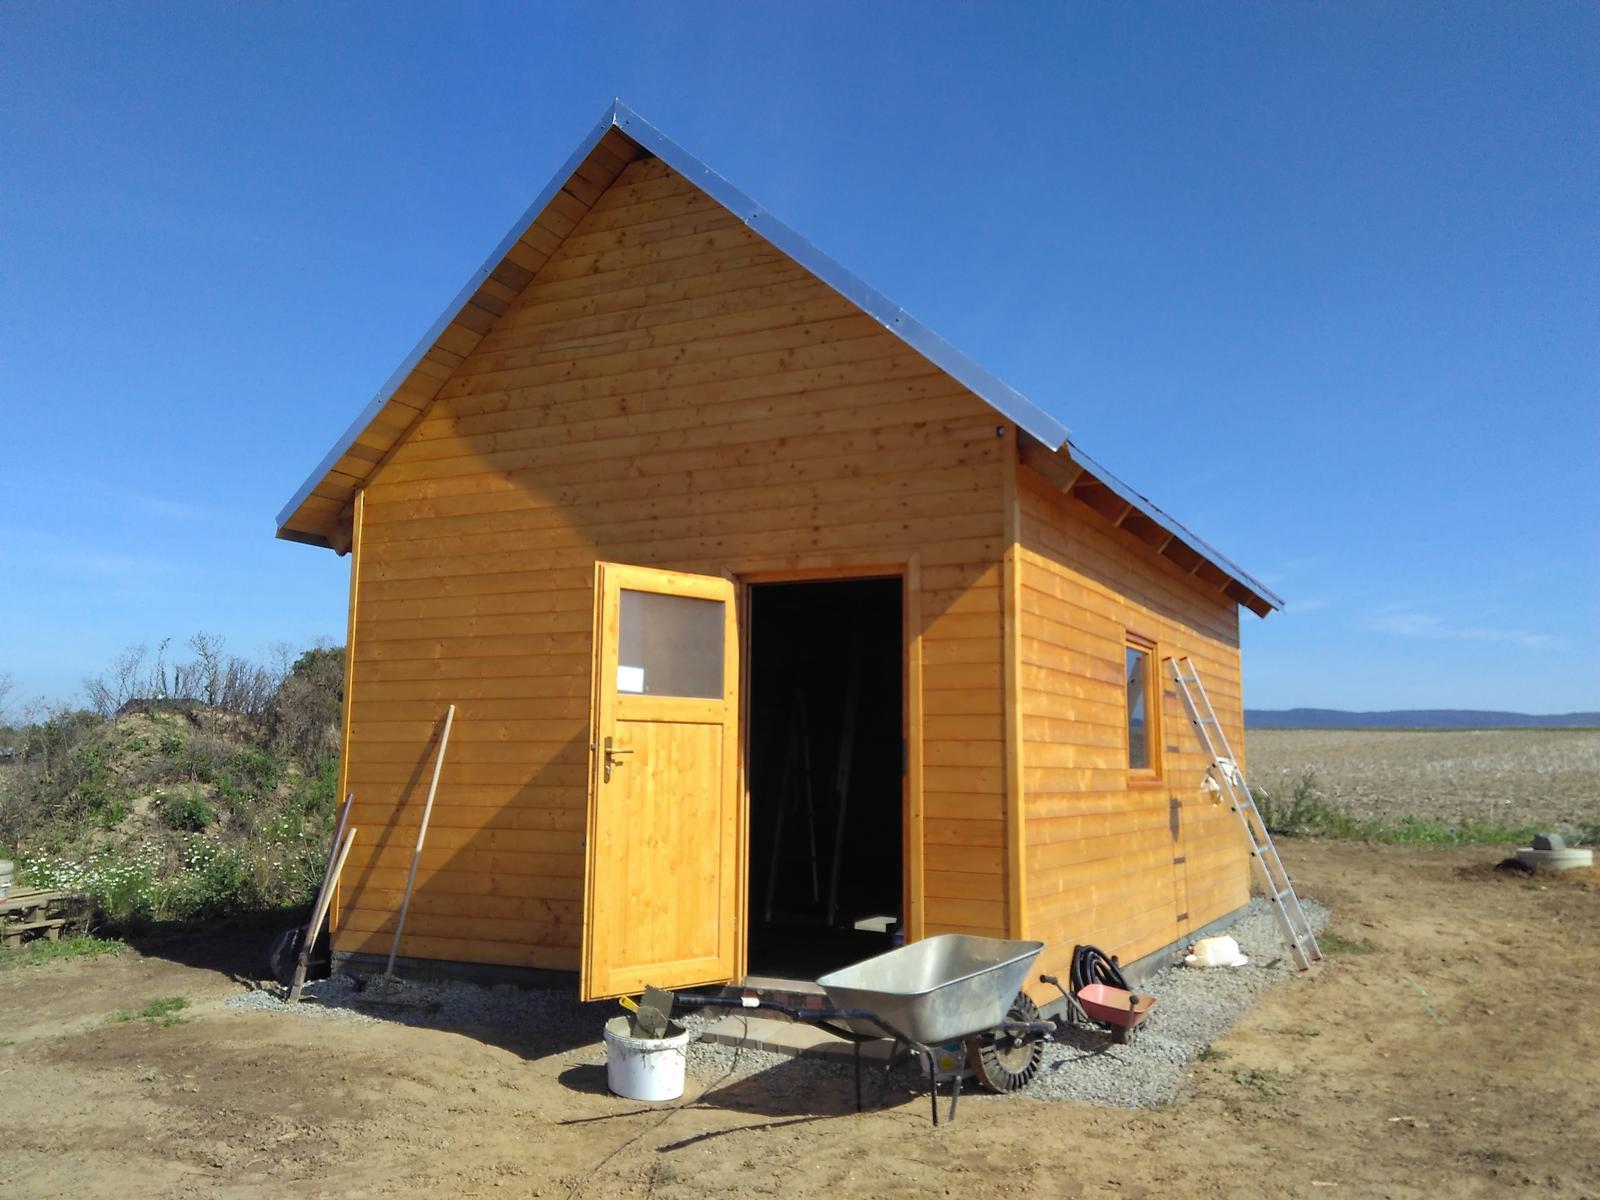 Zahradní domek - Obrázek č. 1